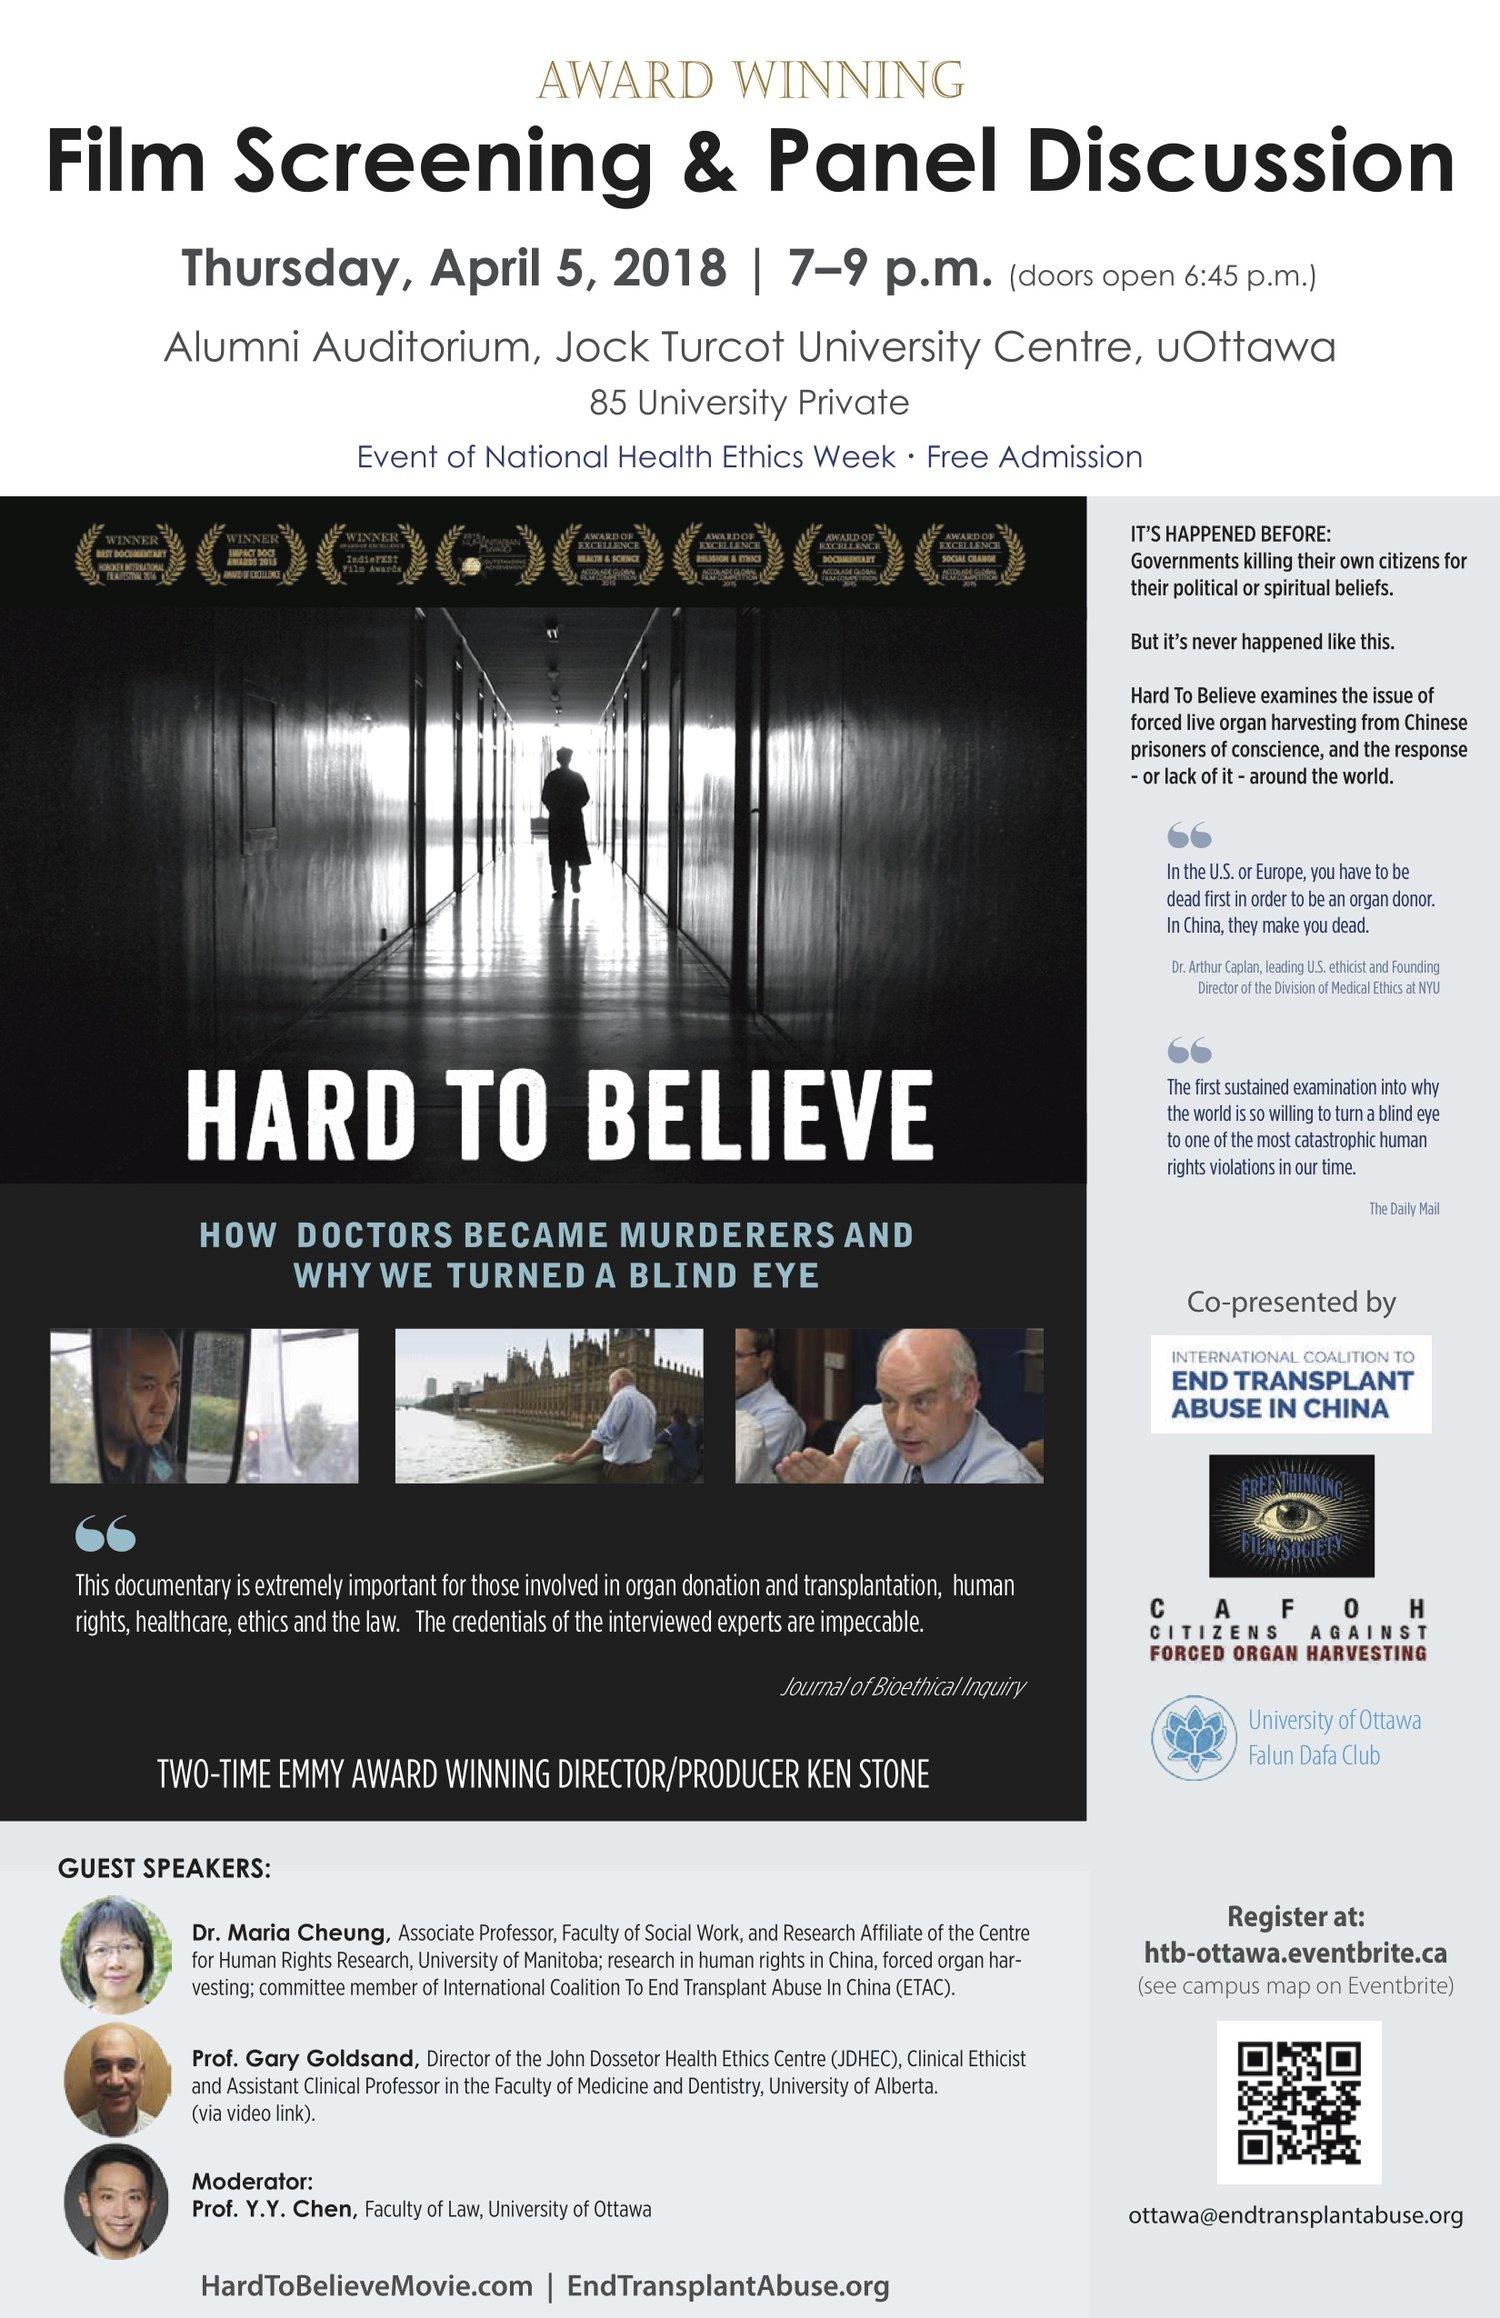 HardToBelieve_Ottawa+2018+poster+11x17_v8_outline-Preview.jpg